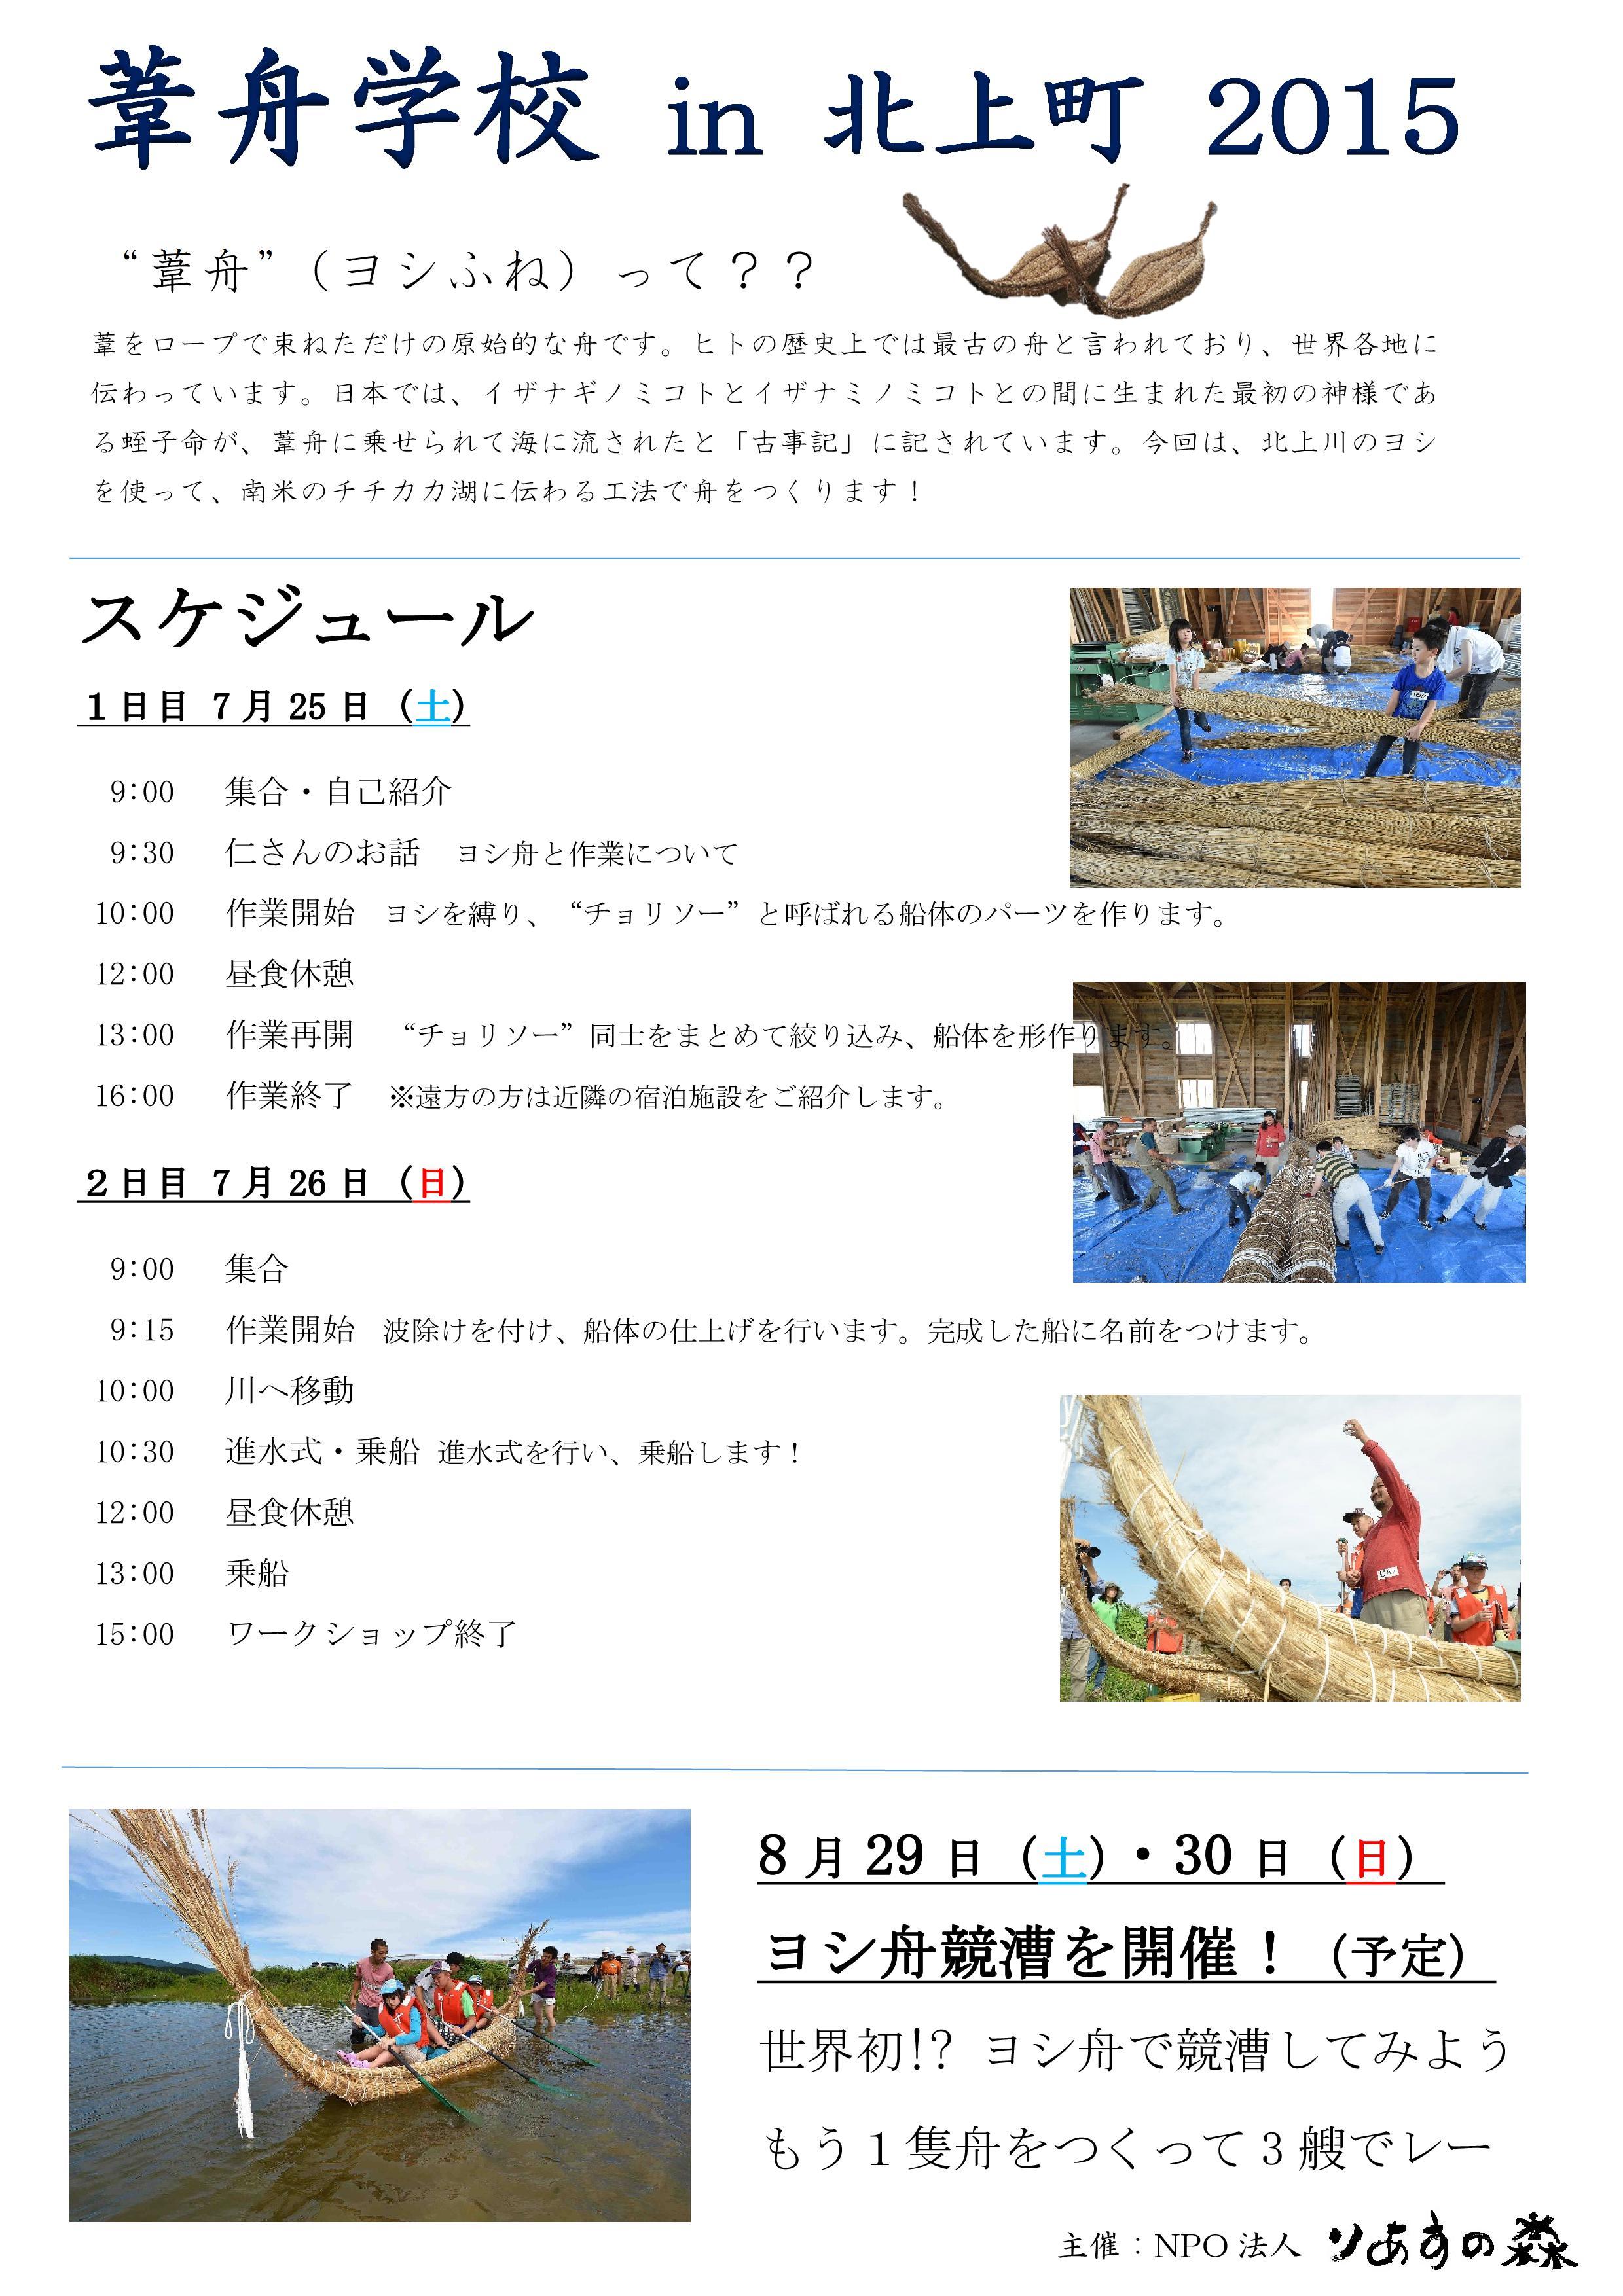 Microsoft Word - ヨシ舟学校in北上町ちらし2015-002